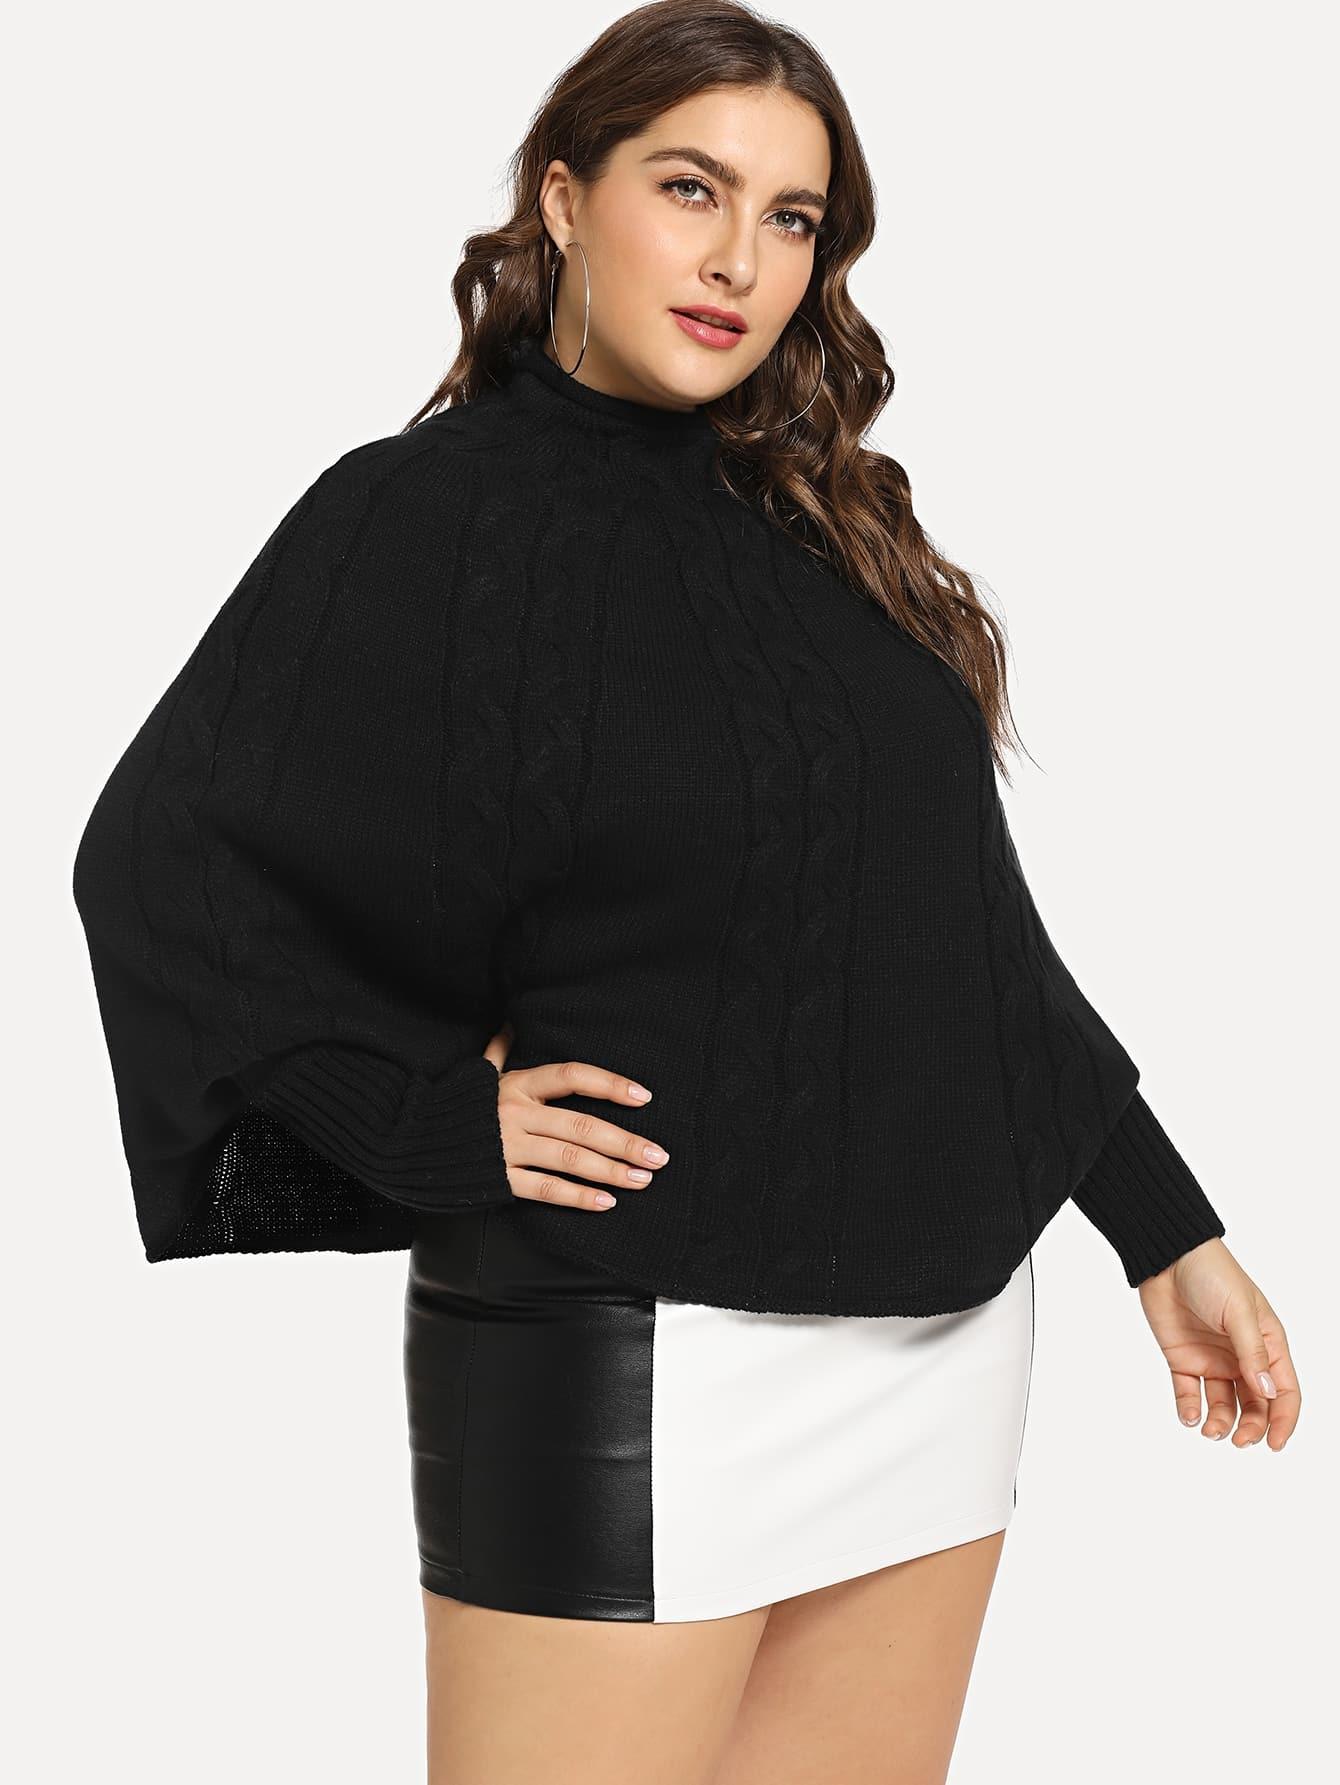 Купить Размера плюс вязаный свитер со стоячим воротником, Franziska, SheIn